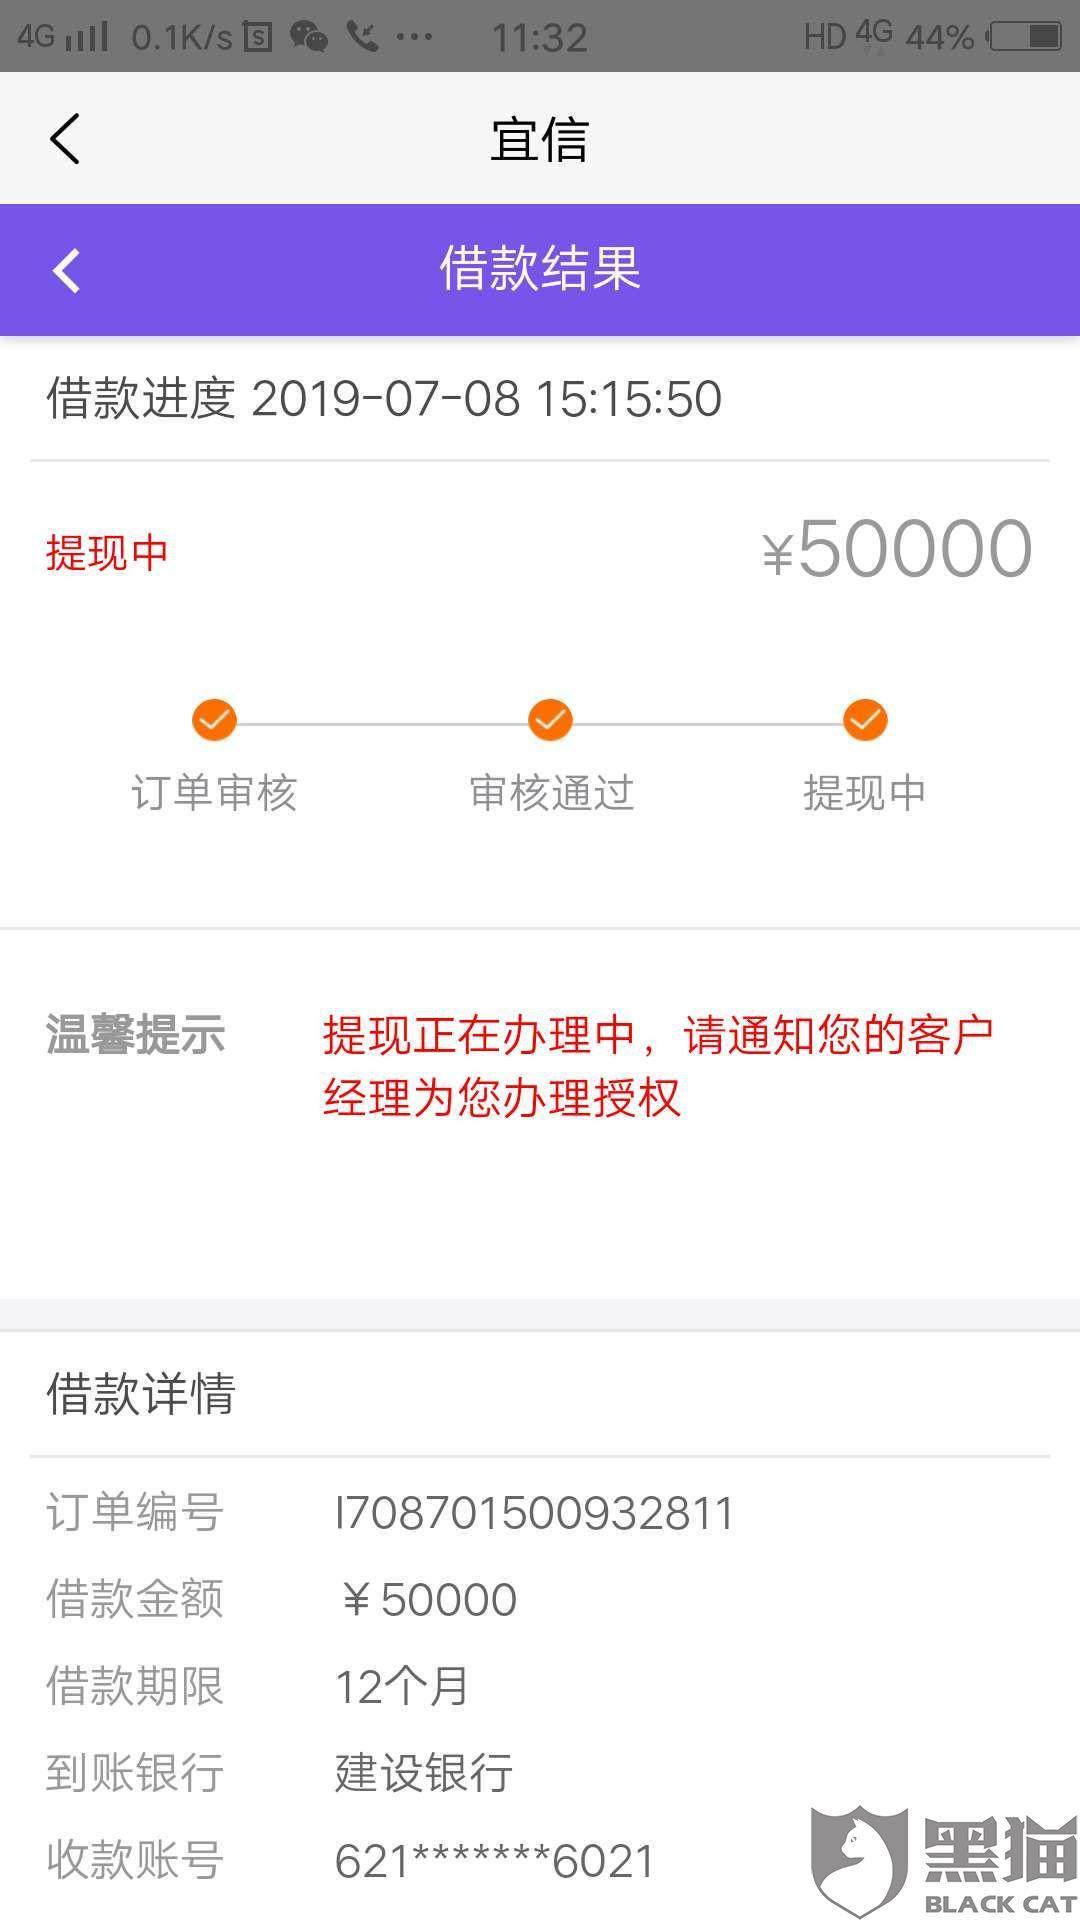 黑猫投诉:宜信普惠钓鱼网站,欺骗钱,